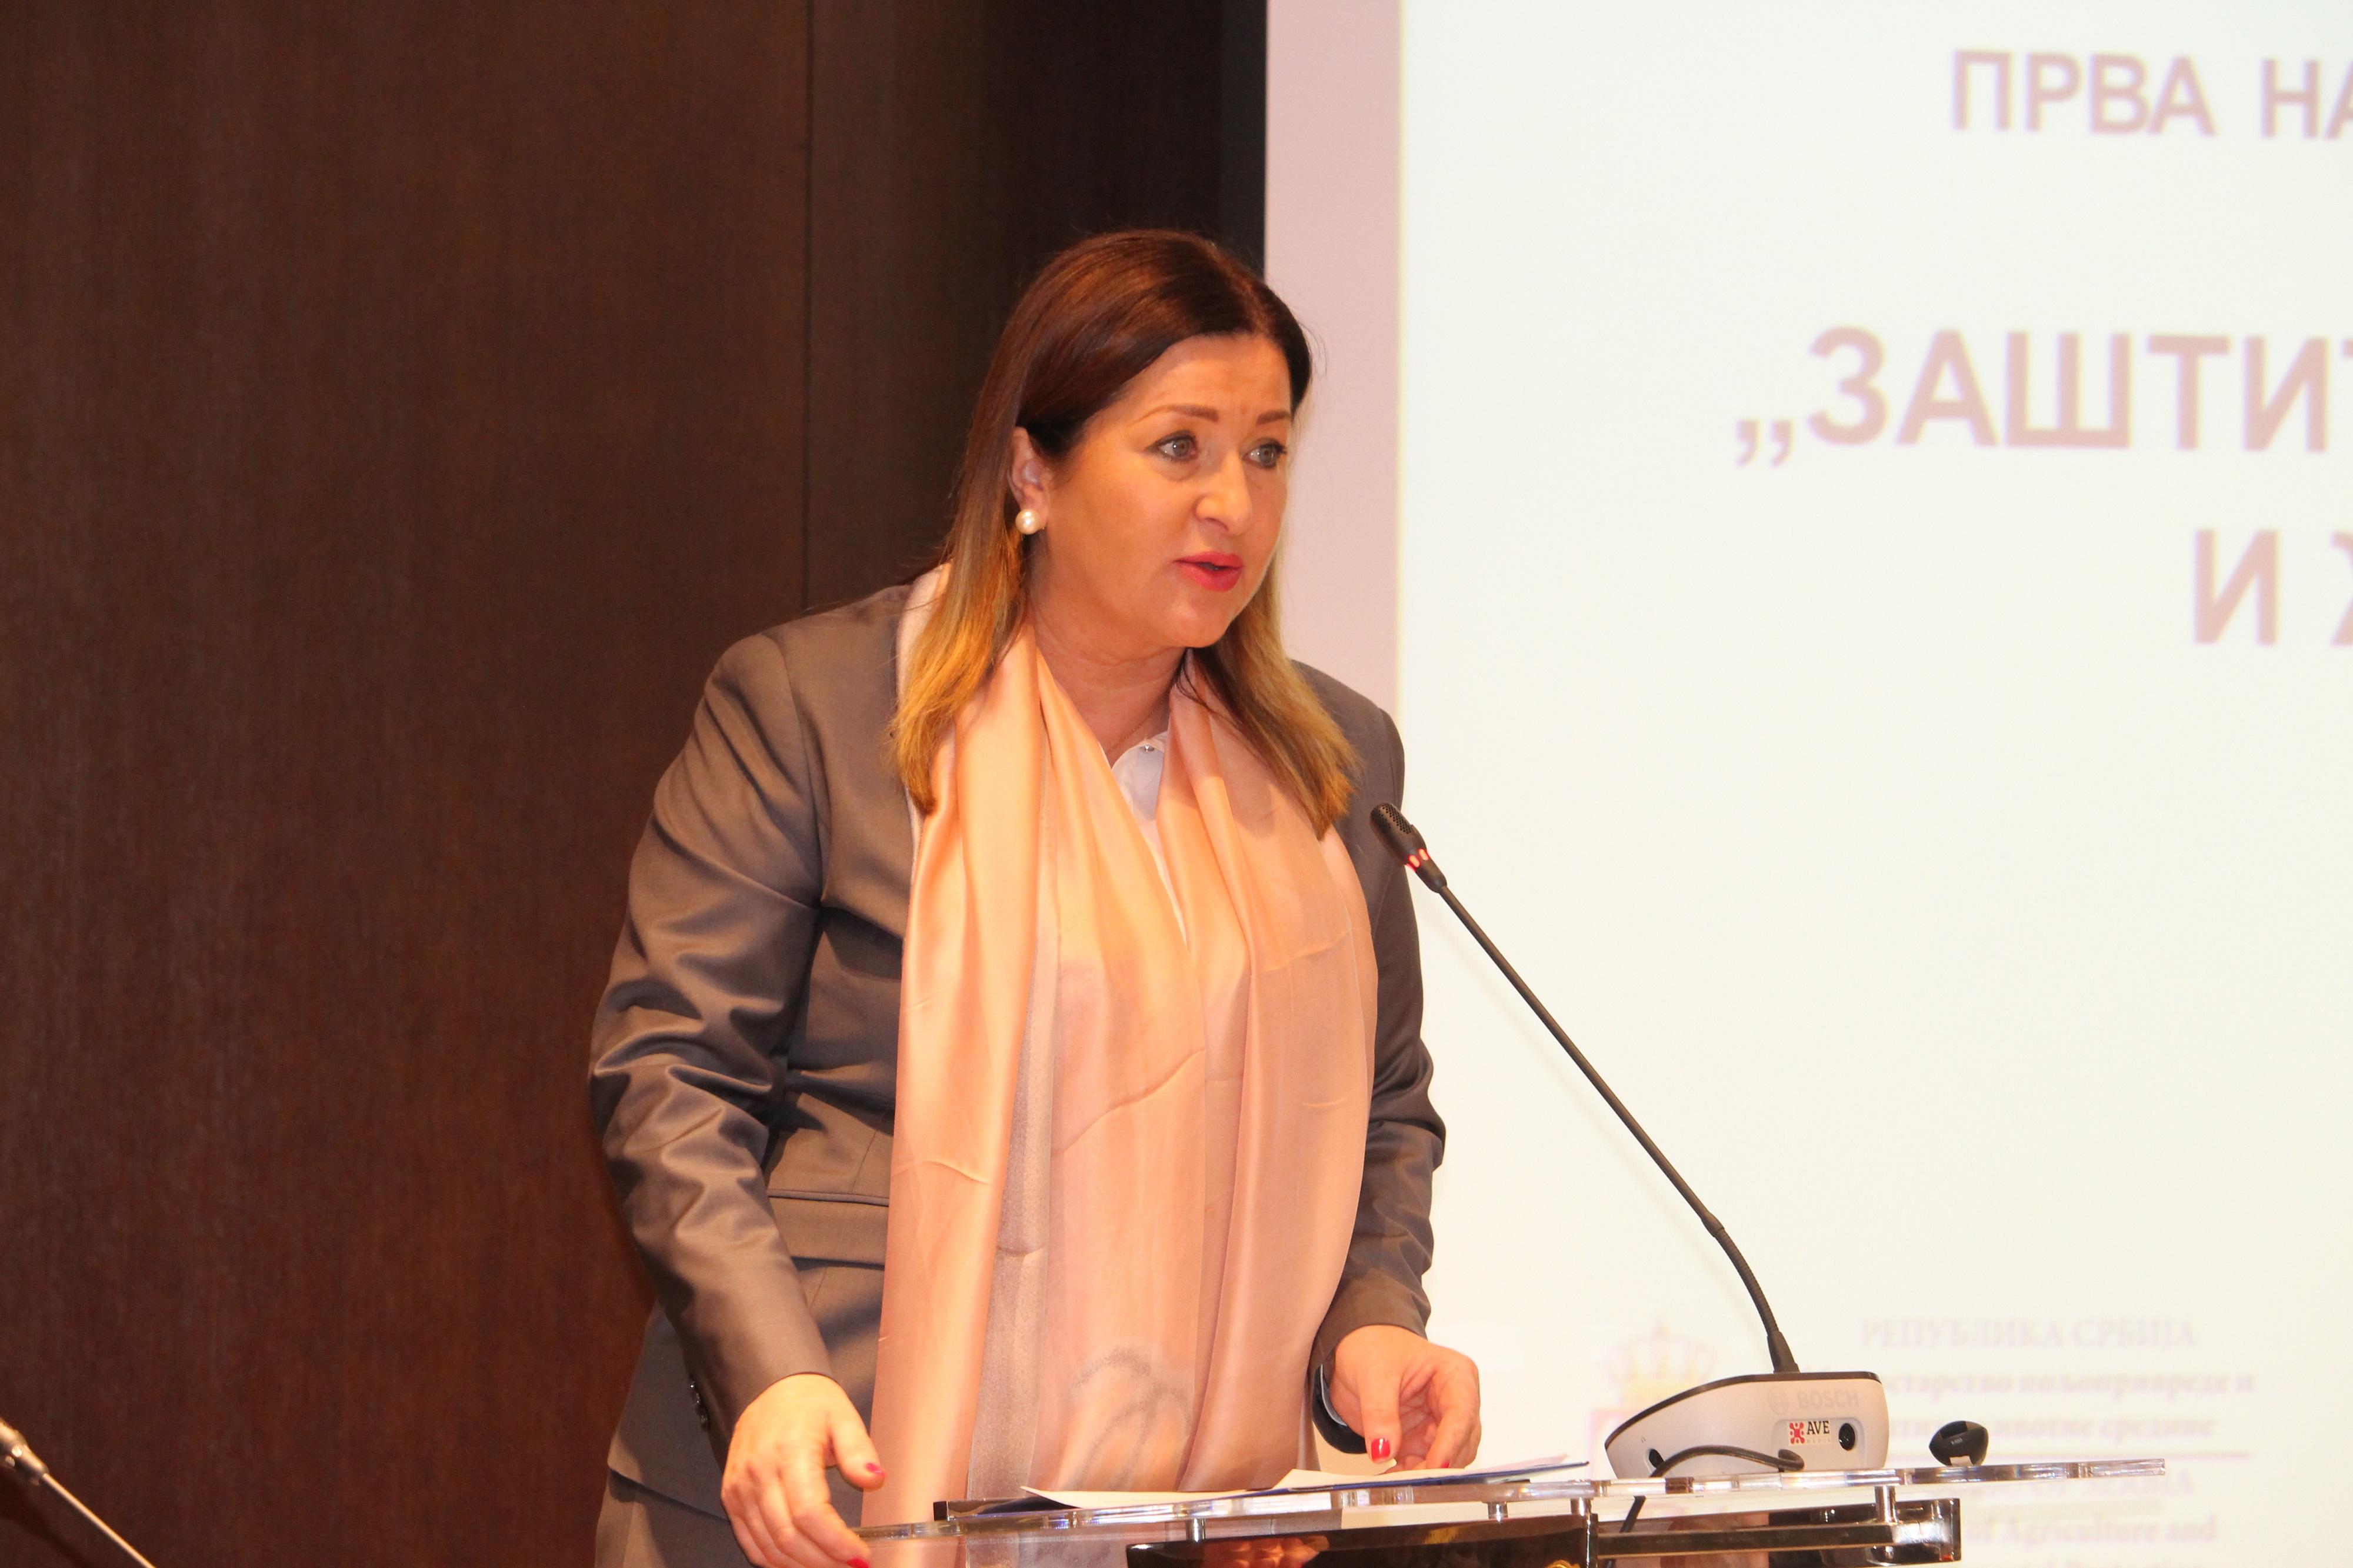 Стана Божовић, државна секретарка Министарства пољопривреде и заштите животне средине